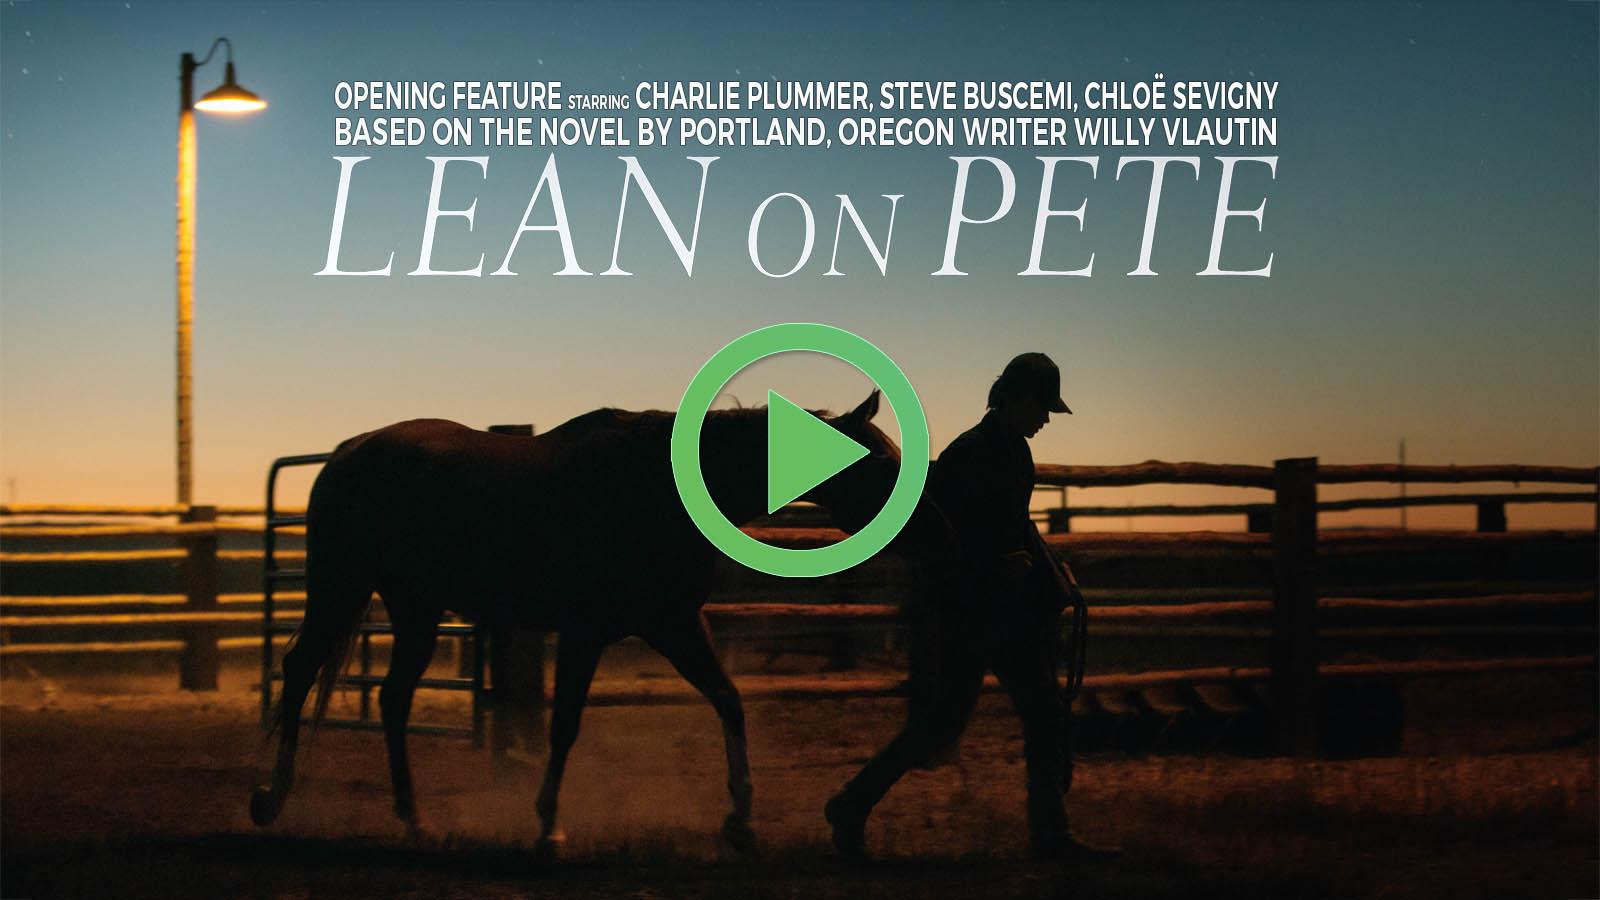 Lean on Pete - starring Charlie Plummer, Steve Buscemi, Chloe Sevigny